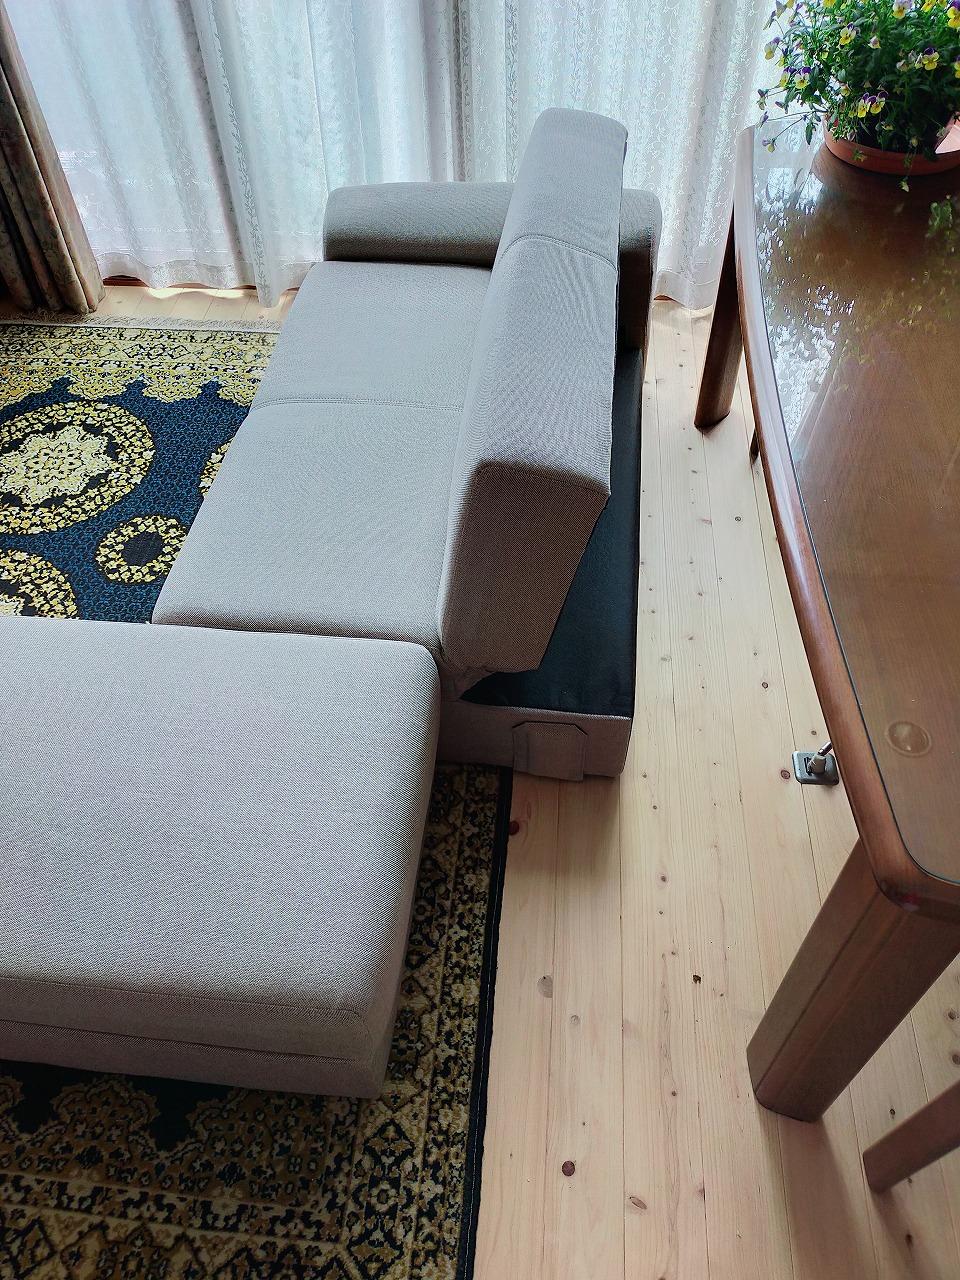 ニトリのソファベッドを実際に置いた様子